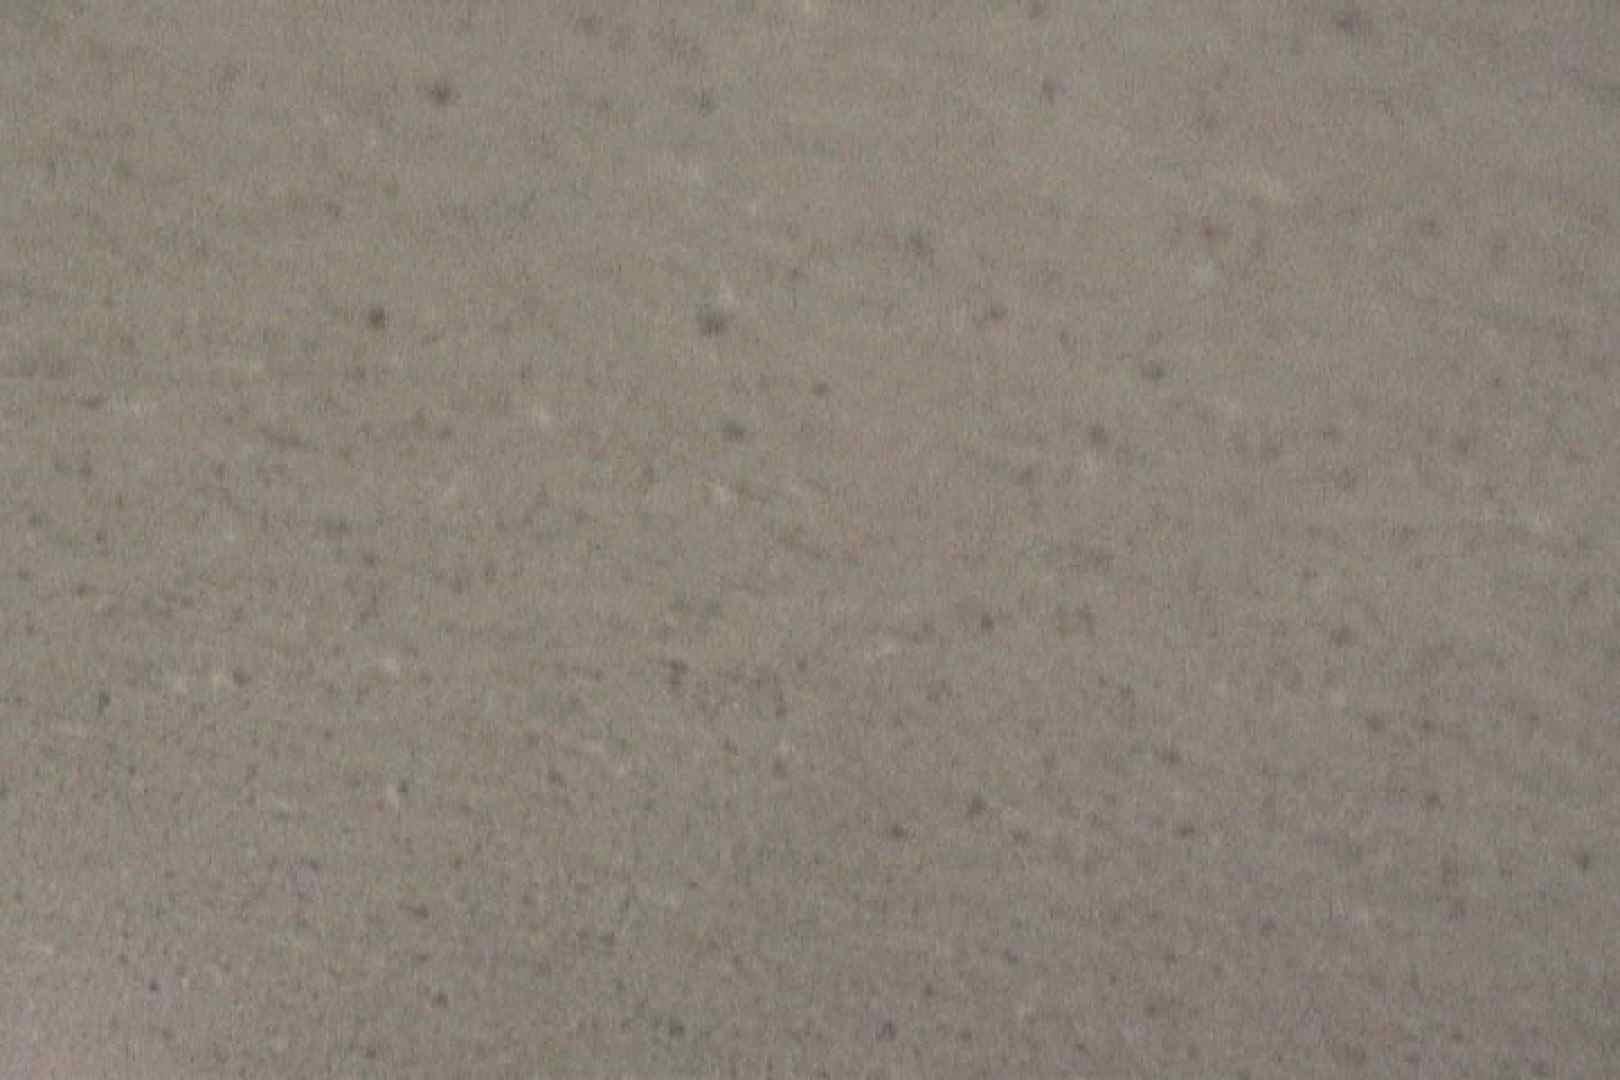 ※100個限定販売 カリスマ撮師 pepeさんの軌跡!Vol.1 洗面所のぞき われめAV動画紹介 78枚 3